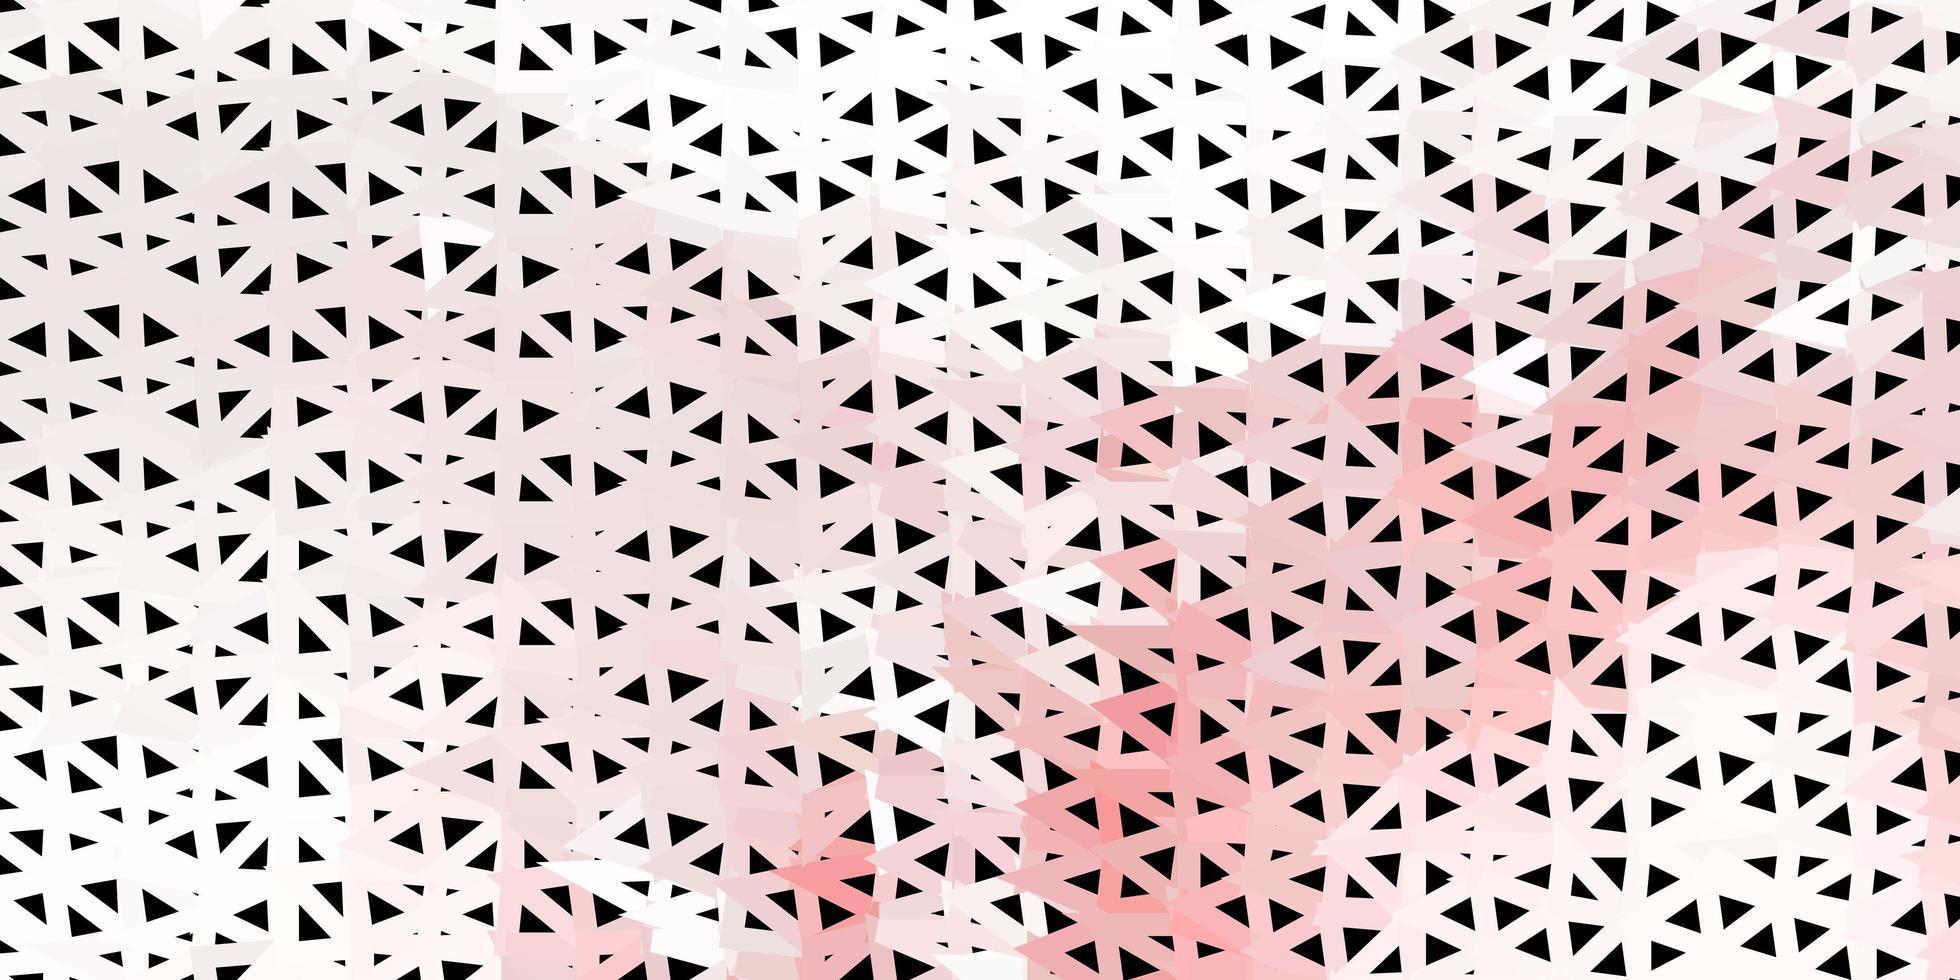 ljusrött mosaikmönster med triangelvektorer. vektor